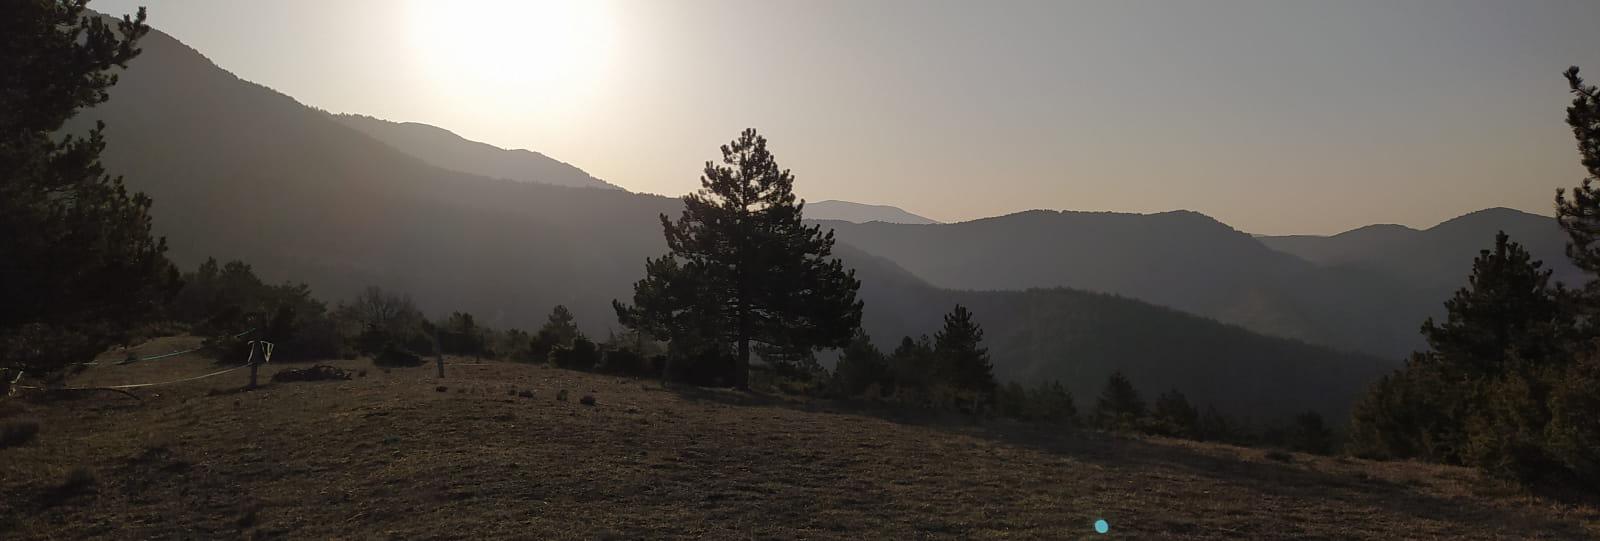 Randonnée lever de soleil (Baladez curieux)